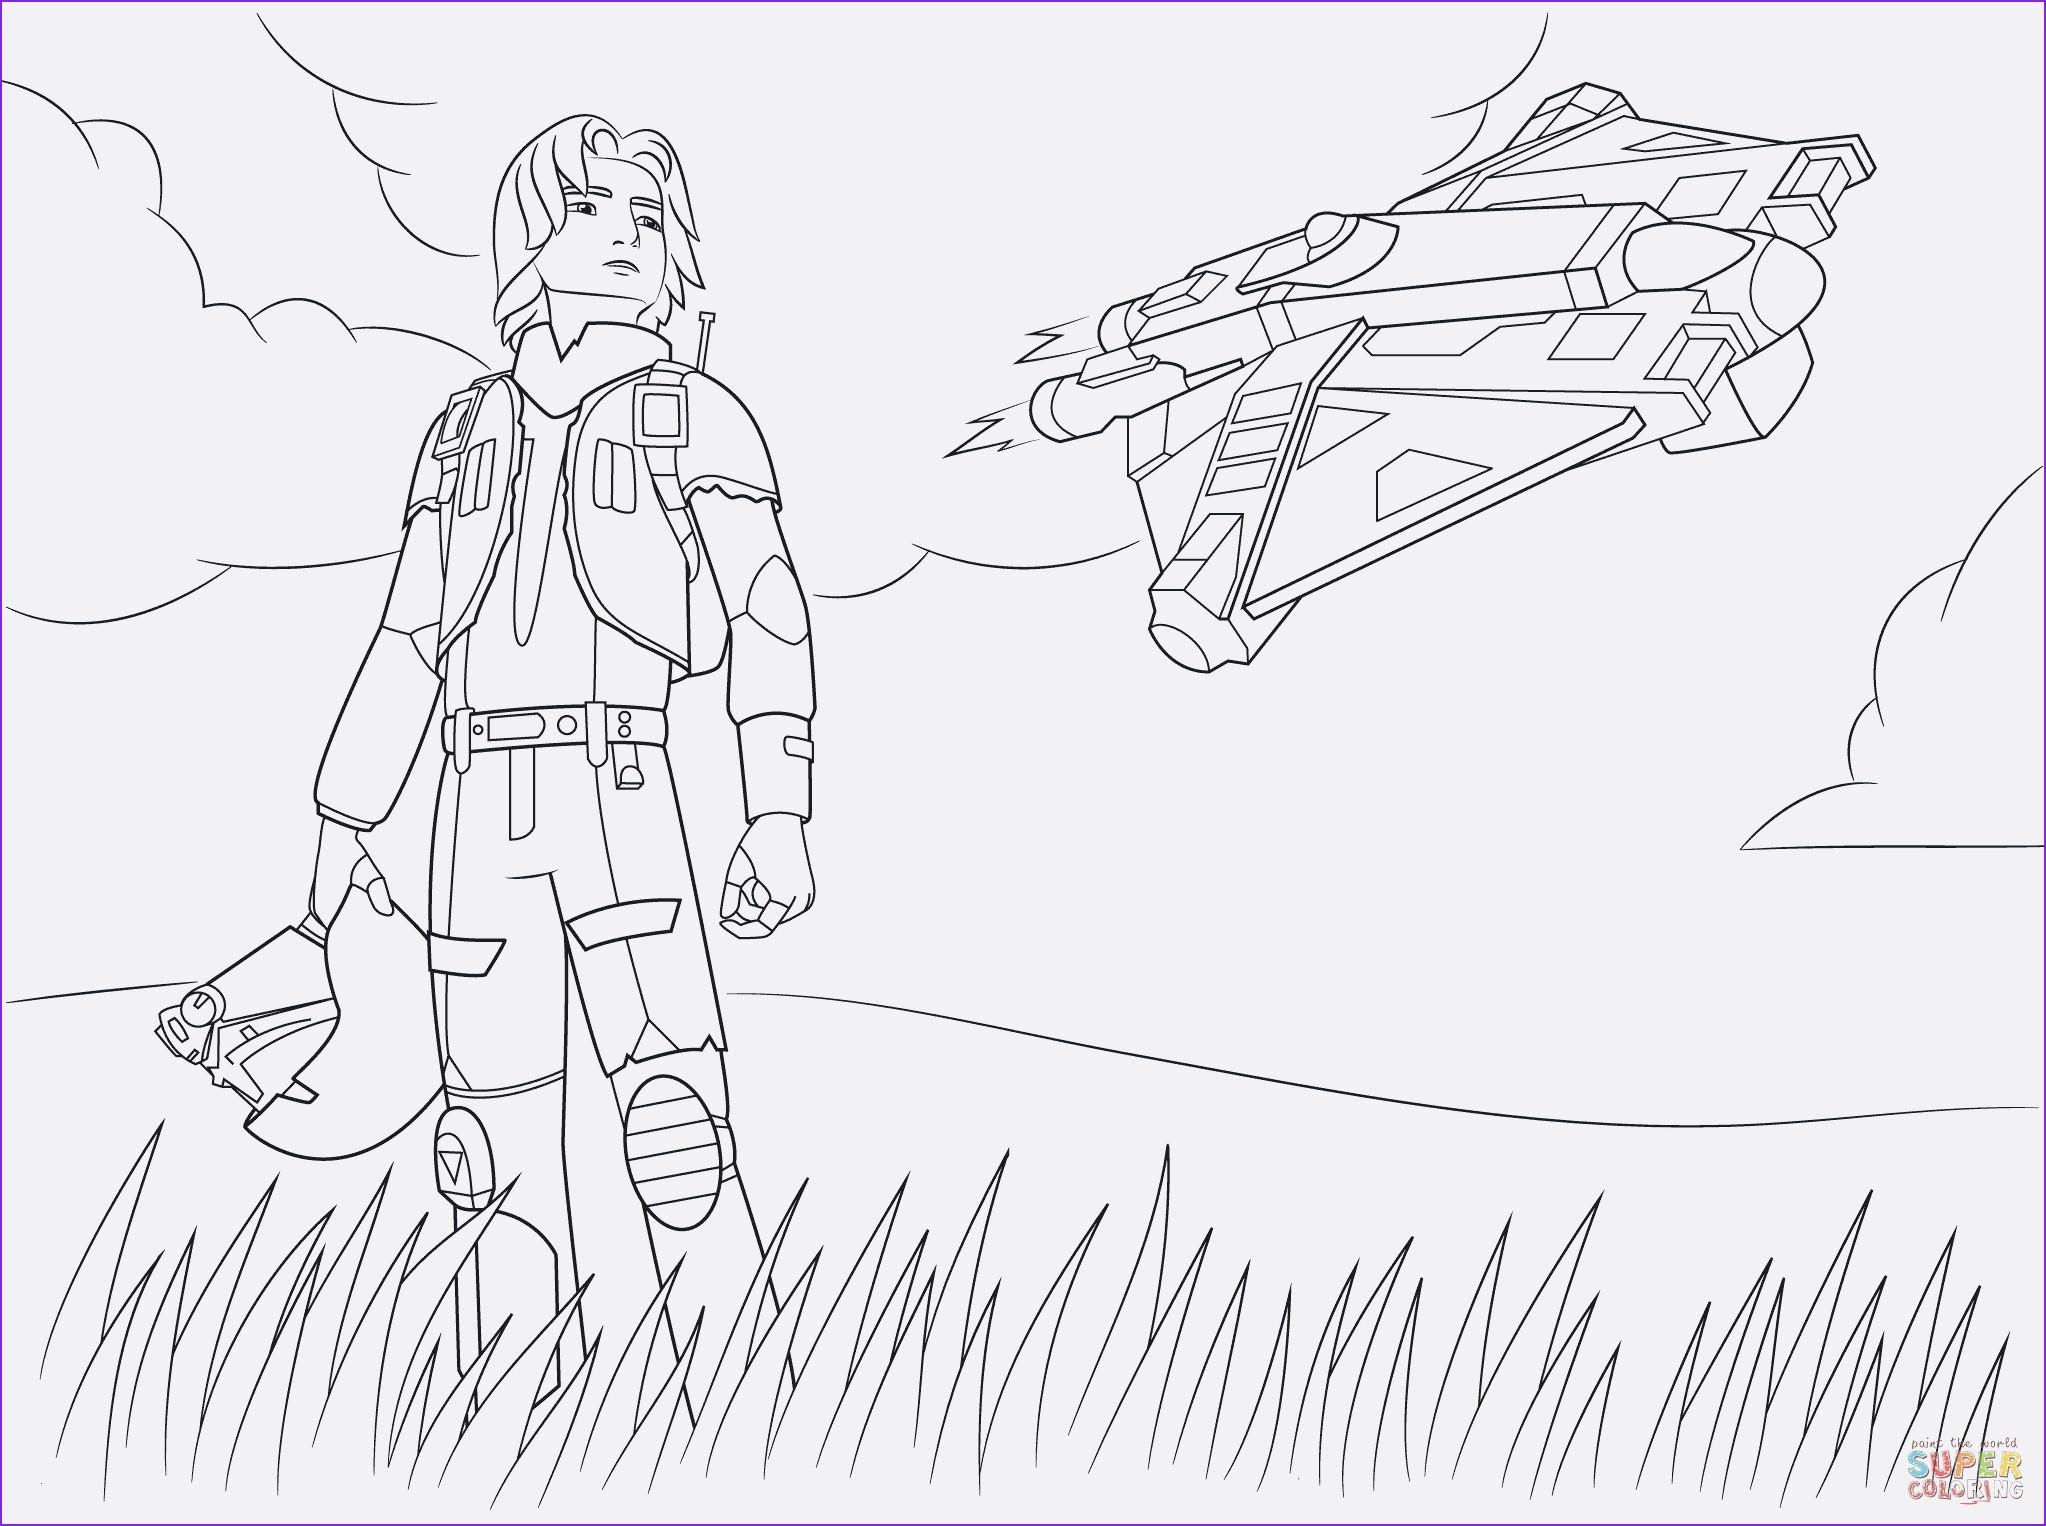 Star Wars Ausmalbilder Darth Maul Das Beste Von 41 Malvorlagen Star Wars Clone Wars Galerie